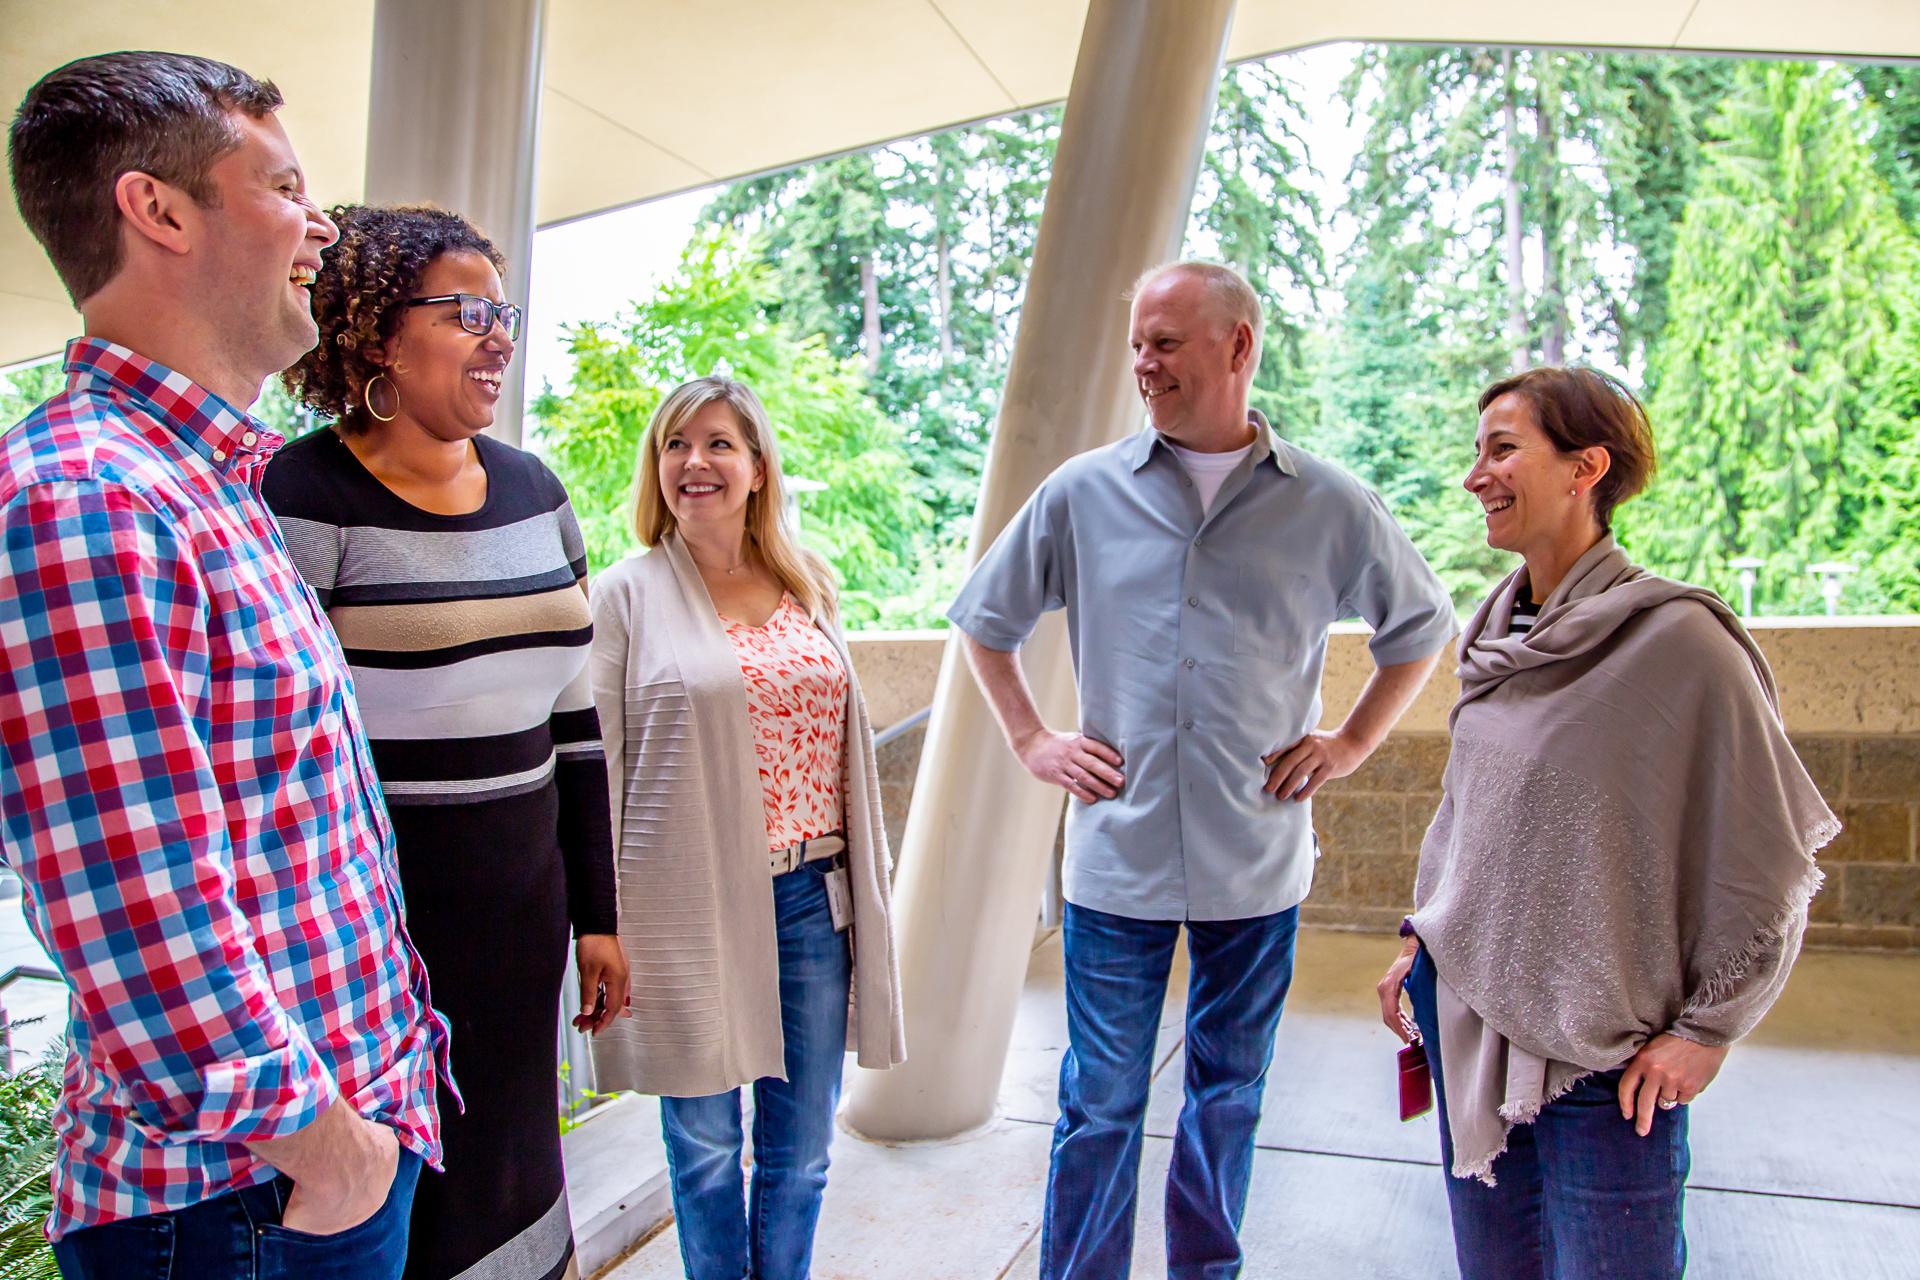 Bill Lincoln, Cassandra Young, Rebekah Hankins, Kurt Hughes, and Liz Friedman share a laugh in a photo taken outside.